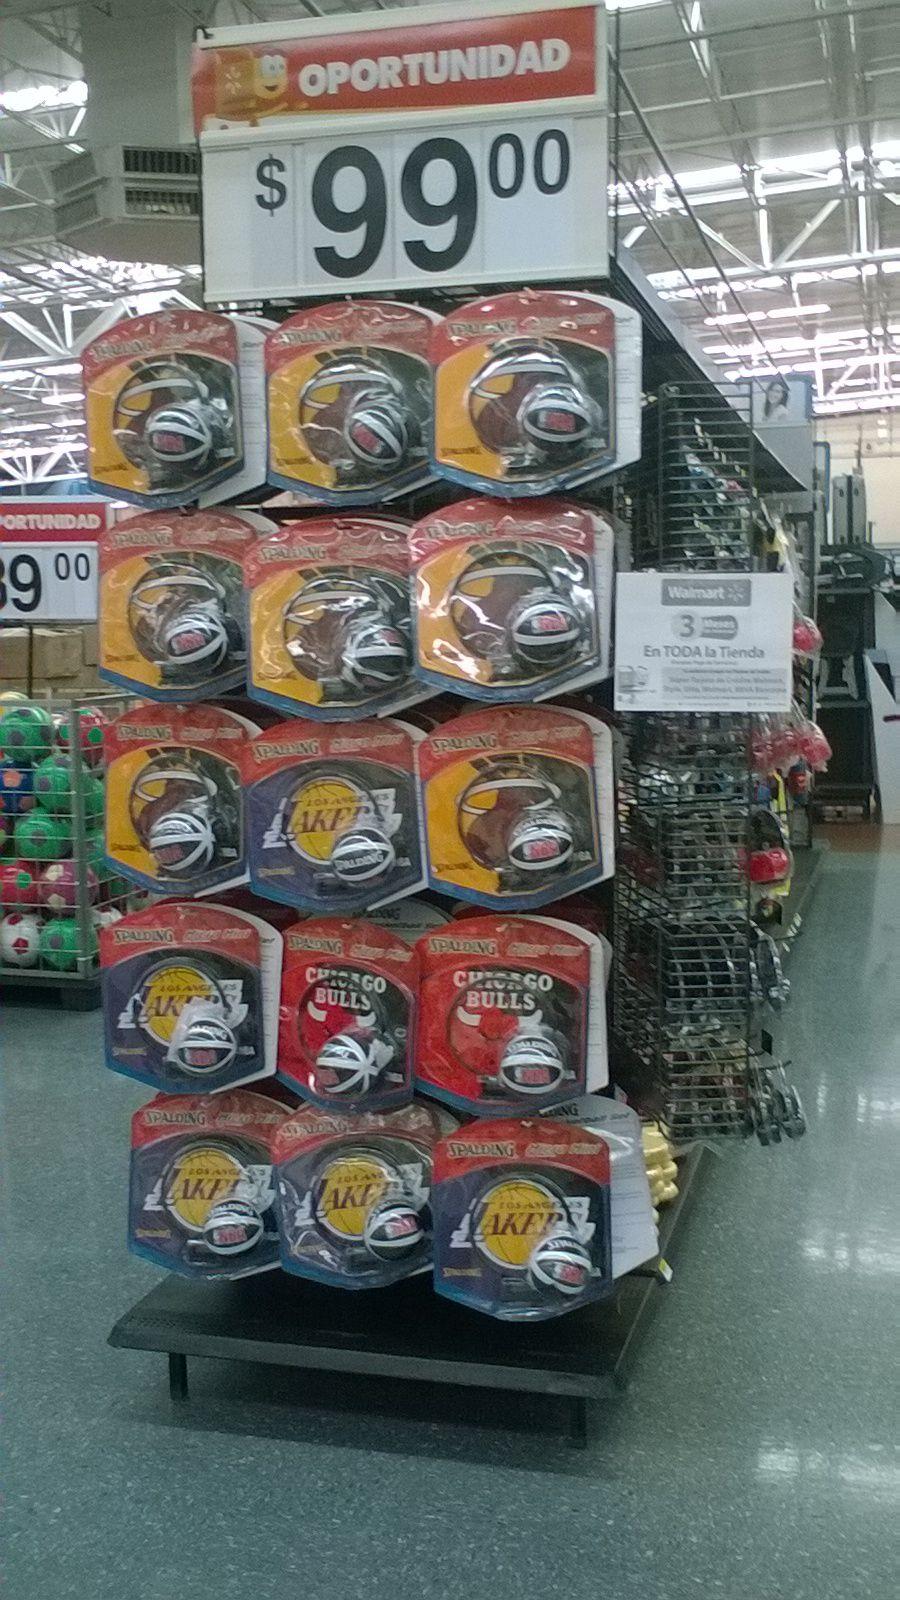 Walmart: minitableros de Basketball a $99